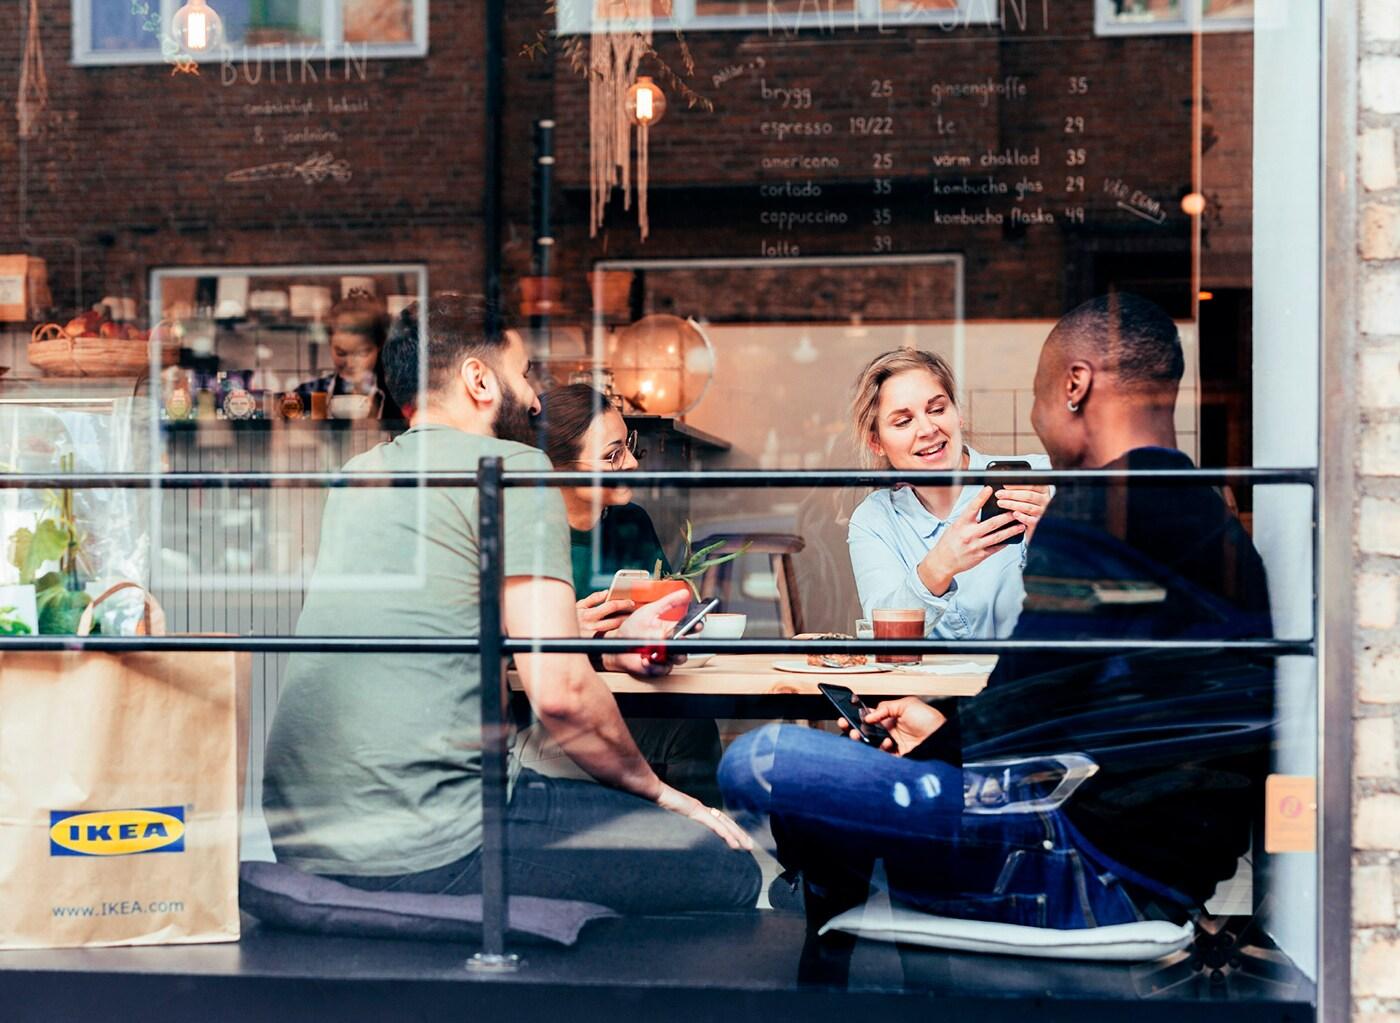 Skupina prijateljev na kavi v kavarni, zraven njih pa papirnata vrečka IKEA.